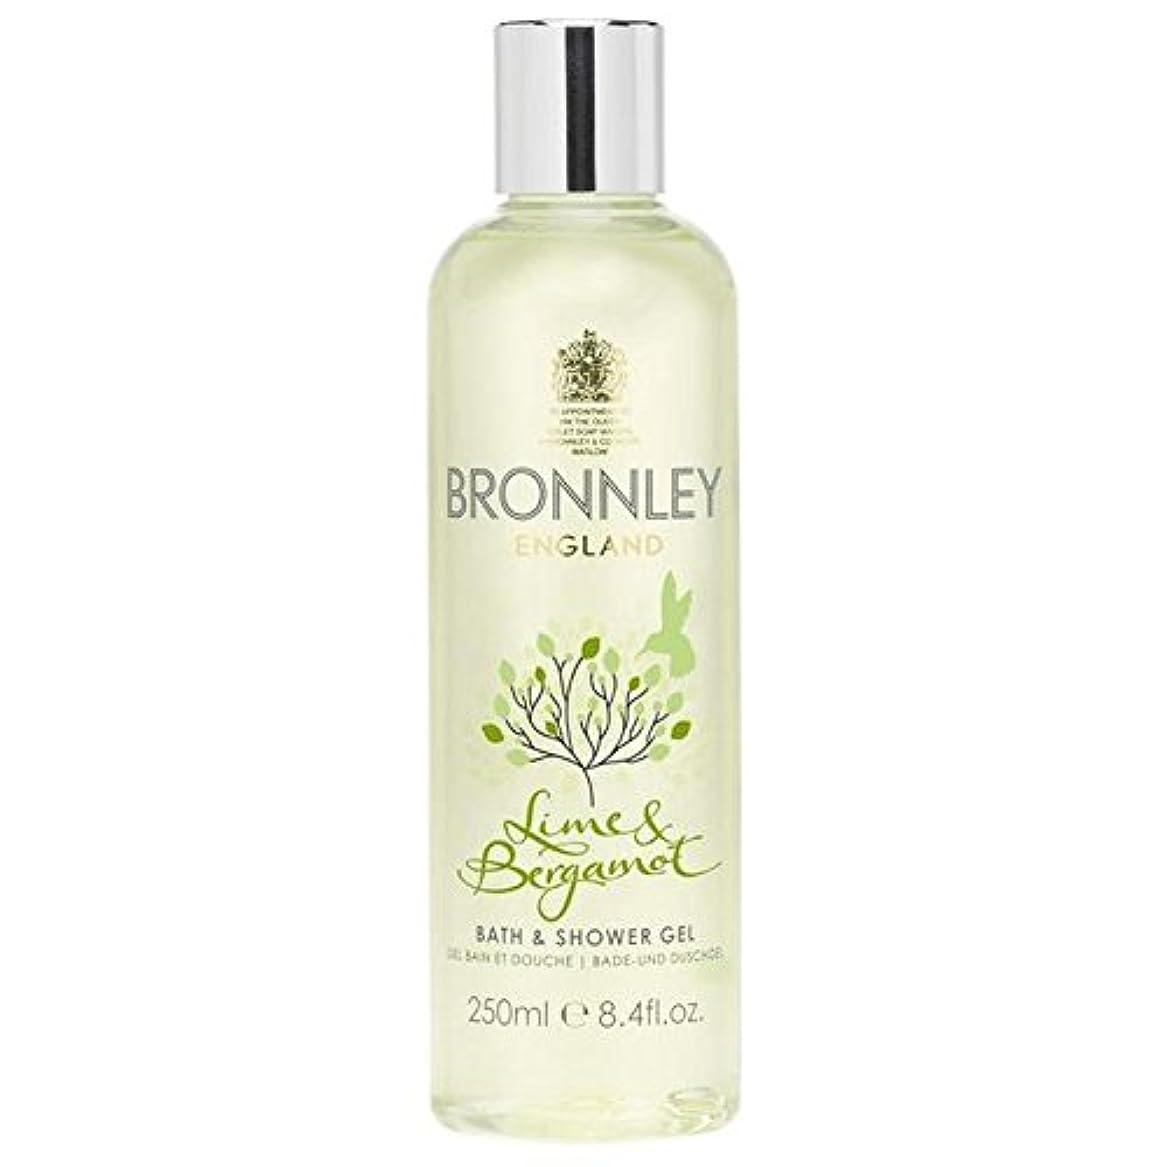 何でも求める印象Bronnley Lime & Bergamot Bath & Shower Gel 250ml (Pack of 6) - ライム&ベルガモットバス&シャワージェル250ミリリットル x6 [並行輸入品]